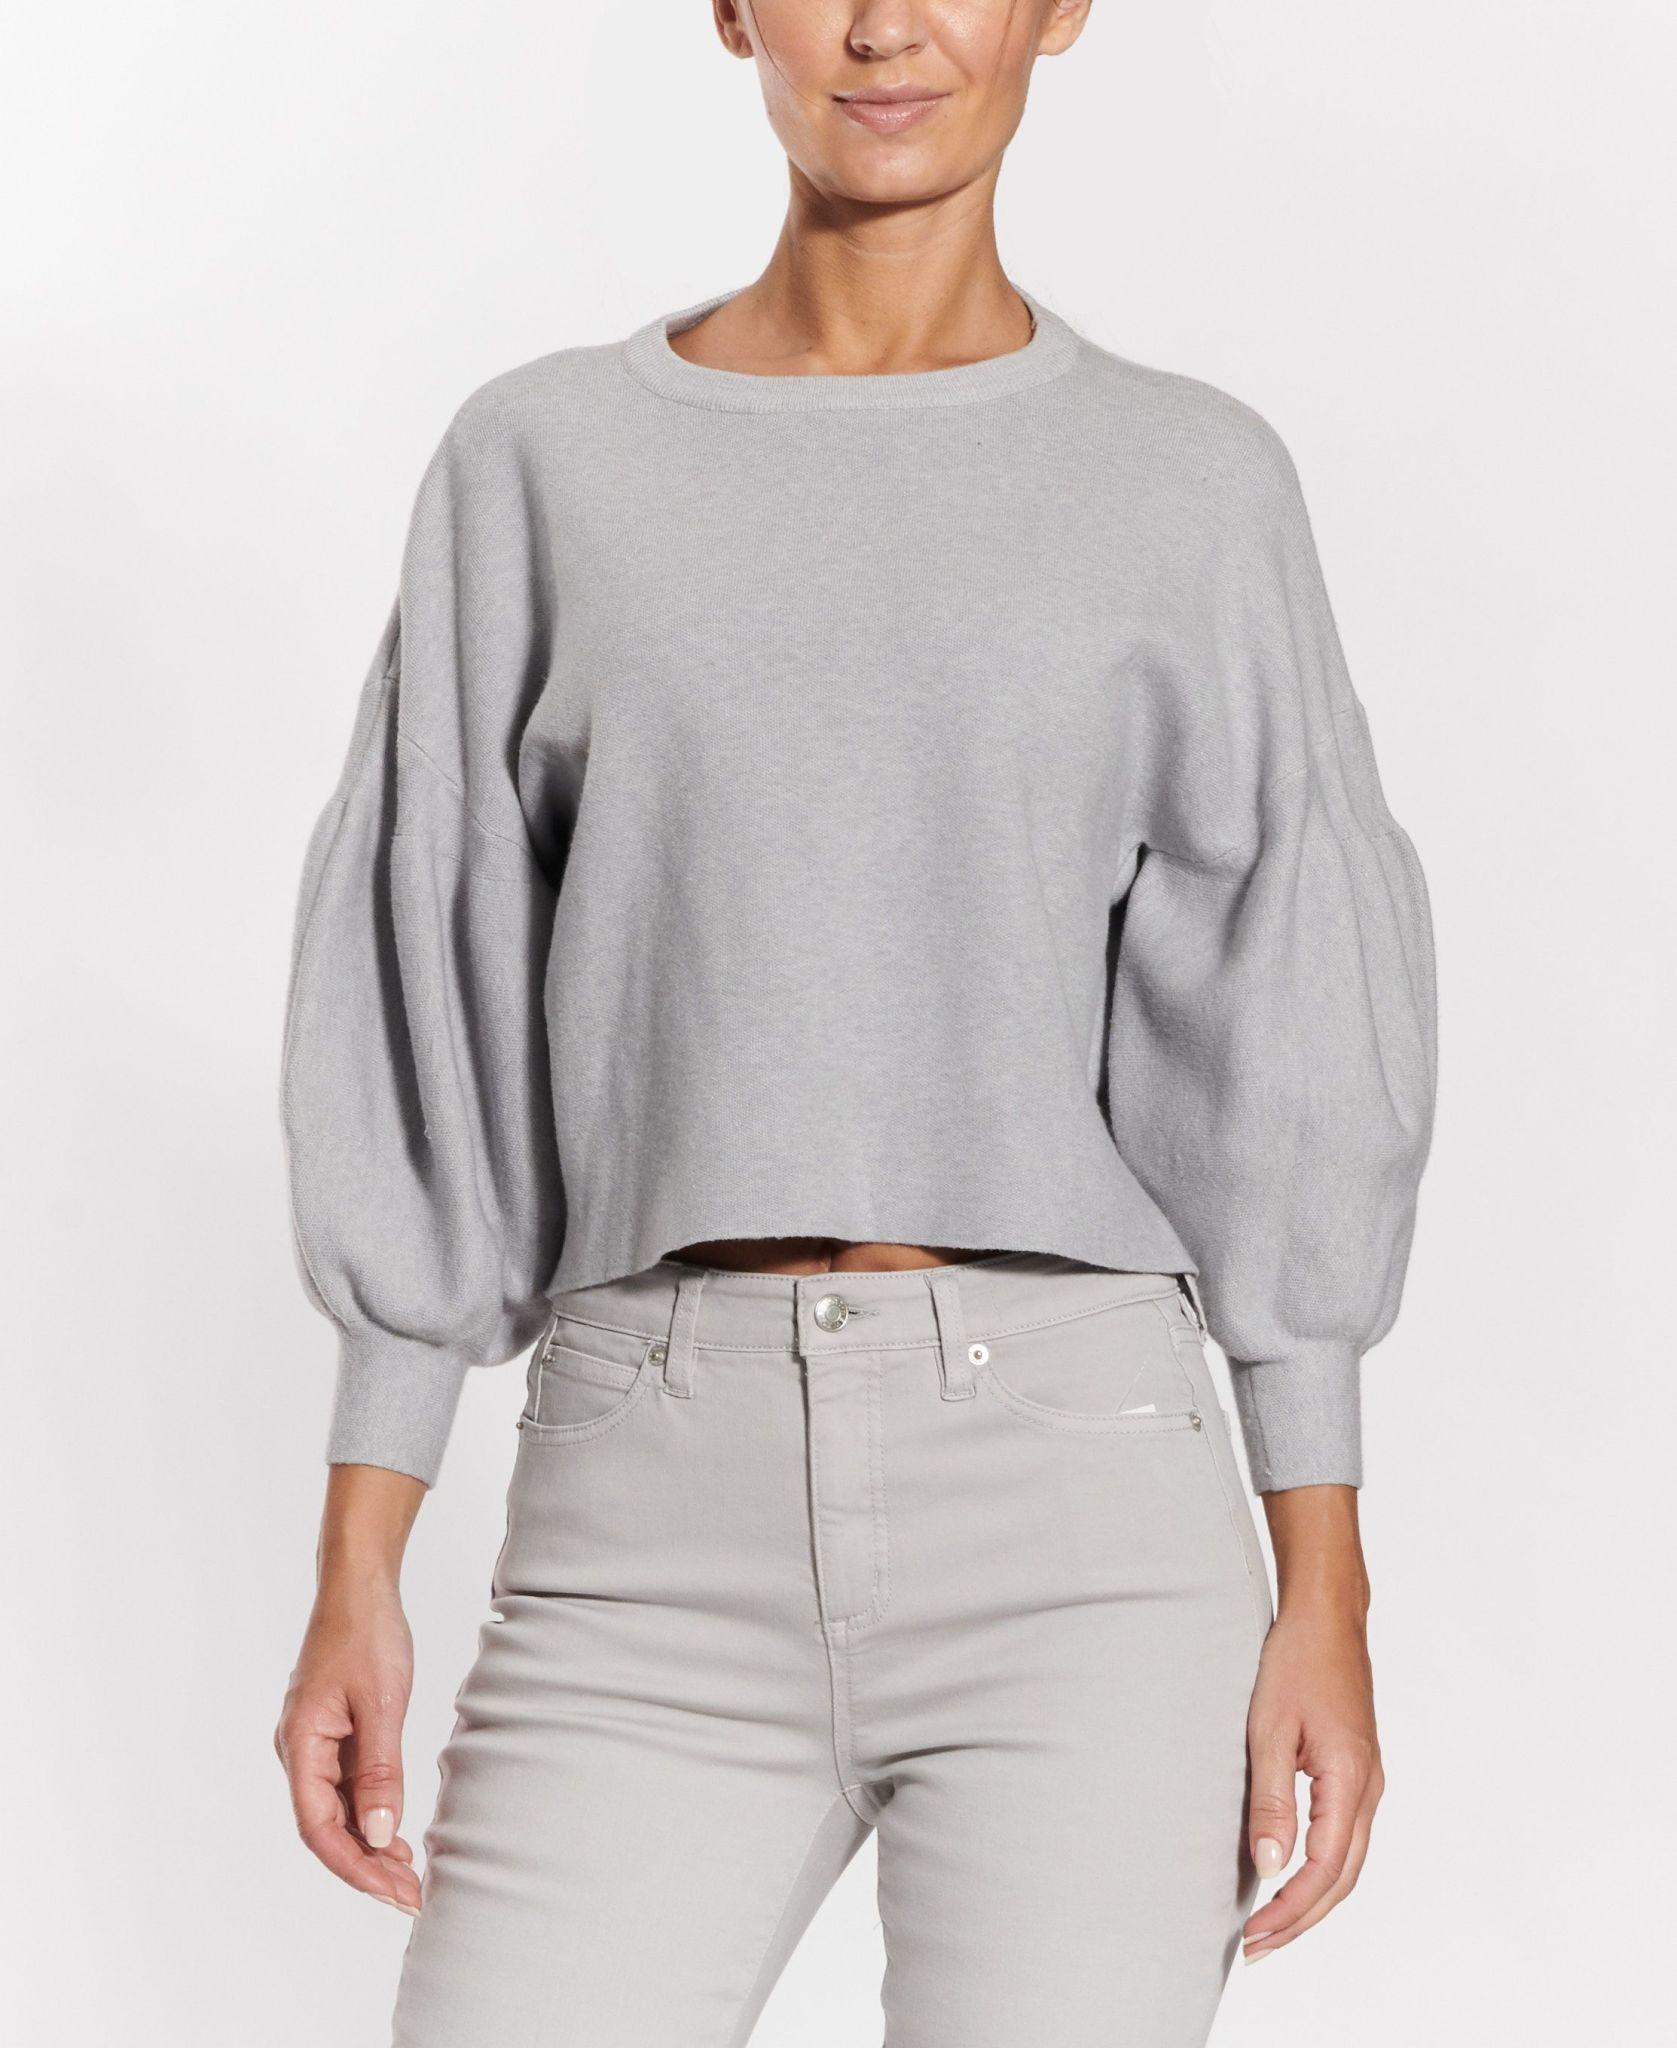 Balloon Sleeved Sweater